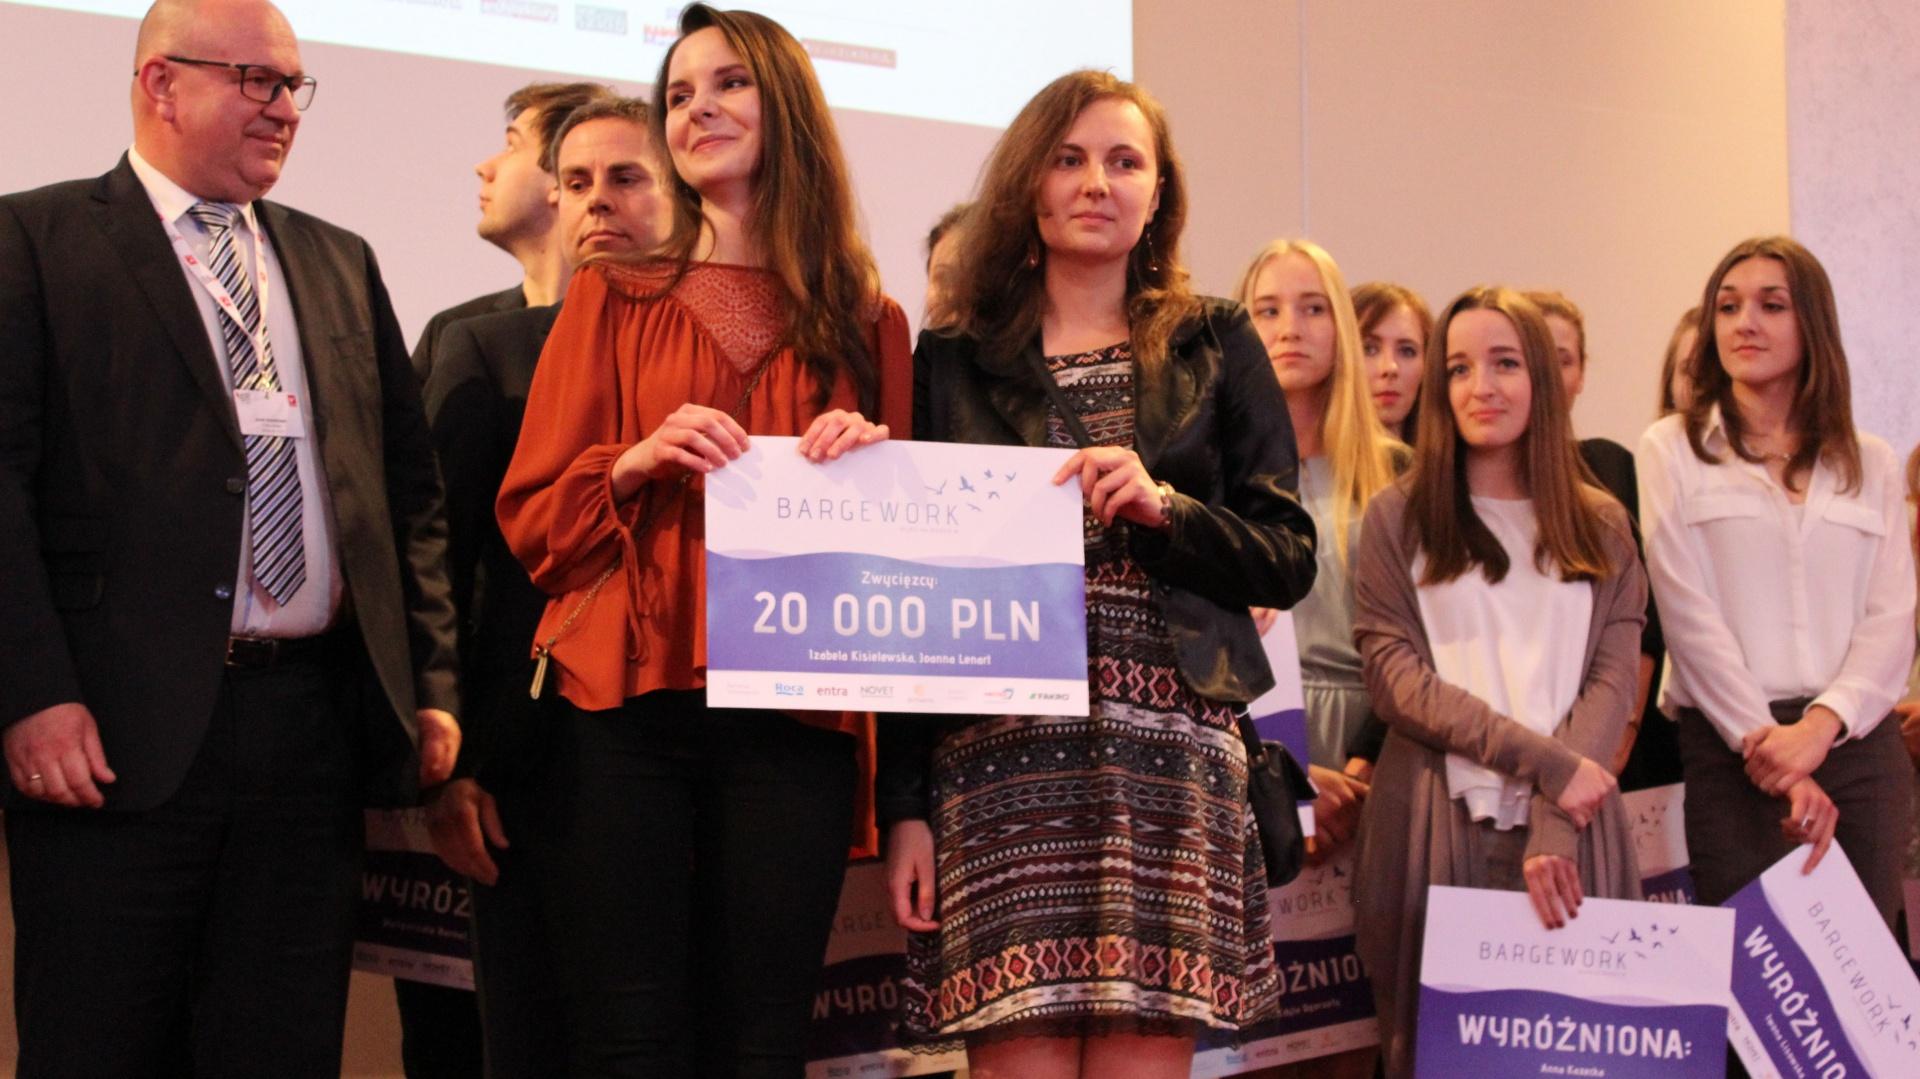 Joanna Lenart i Izabela Kisielewska, zdobywczynie głównej nagrody w konkursie. Fot. Arkadiusz Kaczanowski